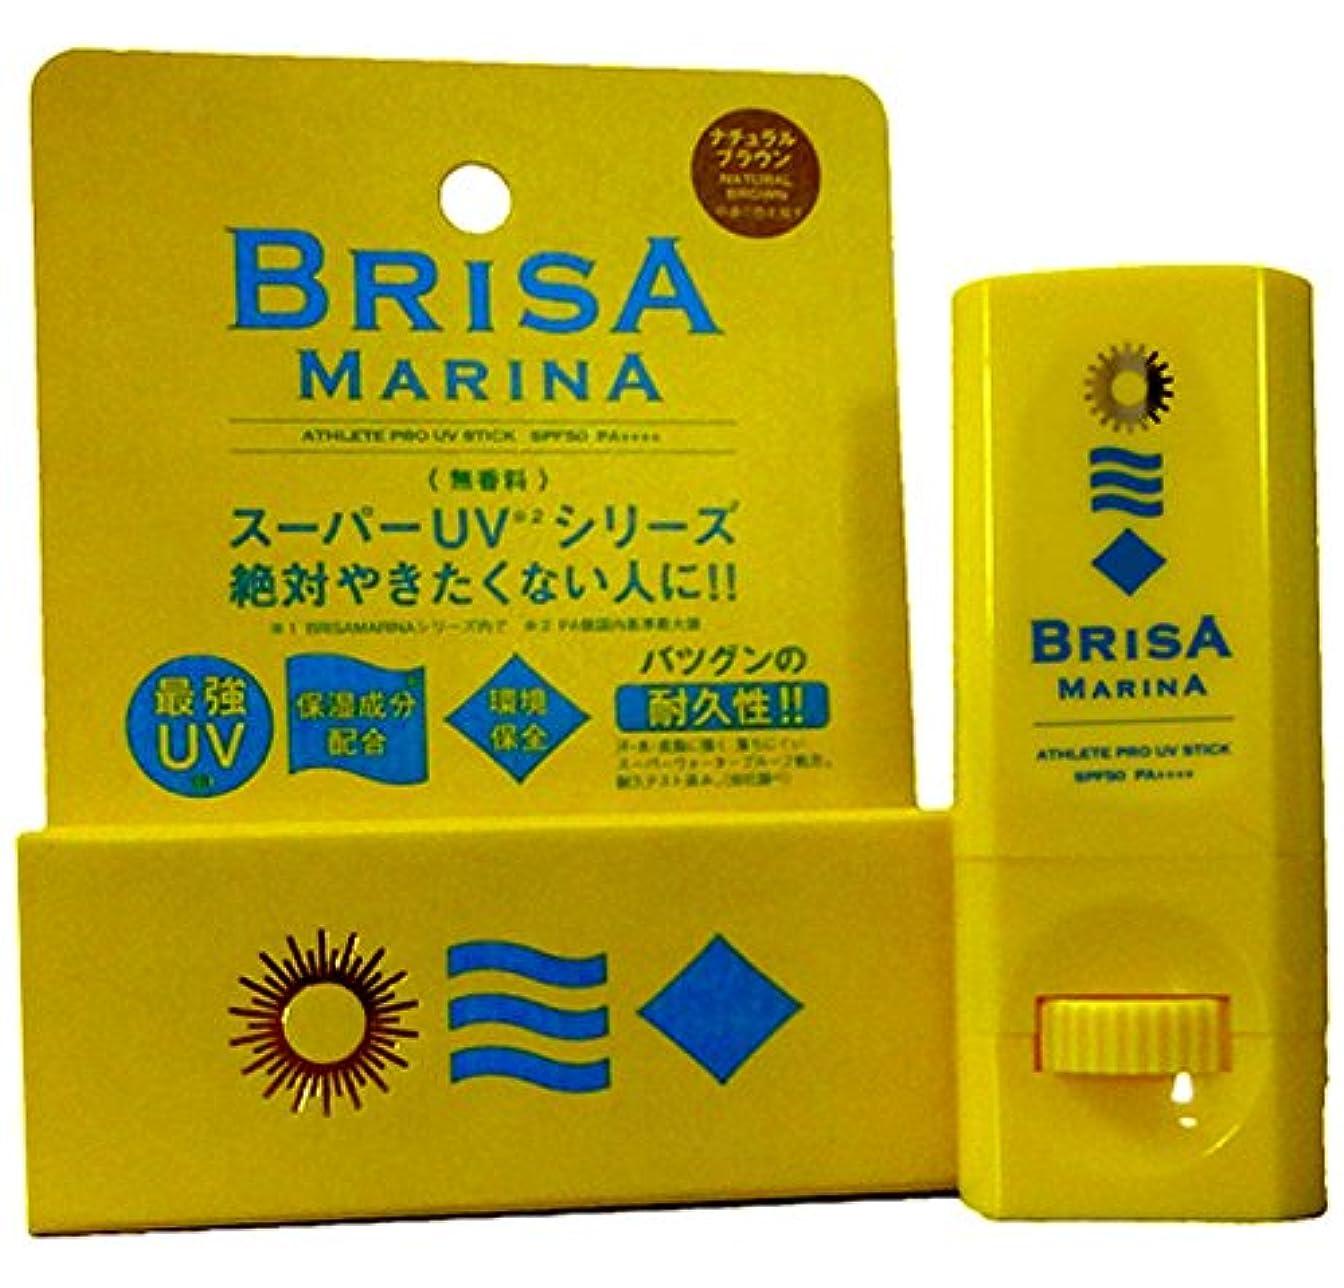 苦悩あなたはニンニクBRISA MARINA(ブリサマリーナ) ATHLETE PRO UV STICK 10g 日焼け止め スティック (01-WHITE)